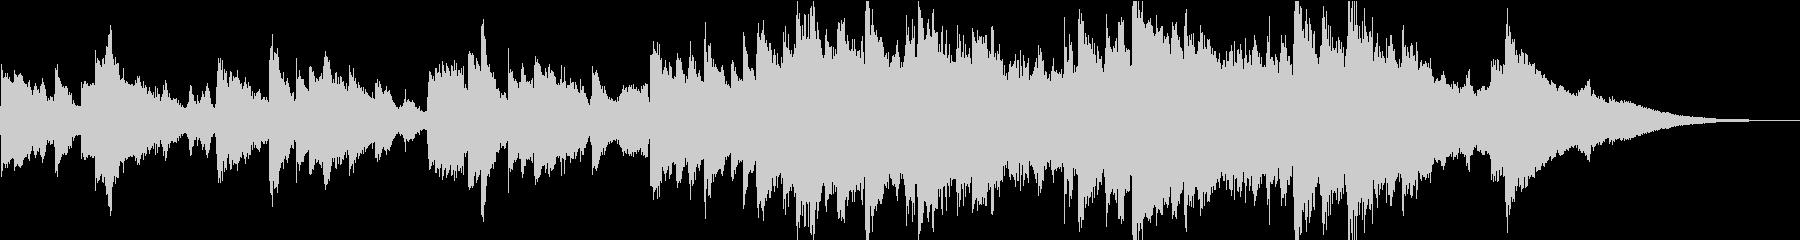 優しく包み込むようなピアノストリングスの未再生の波形